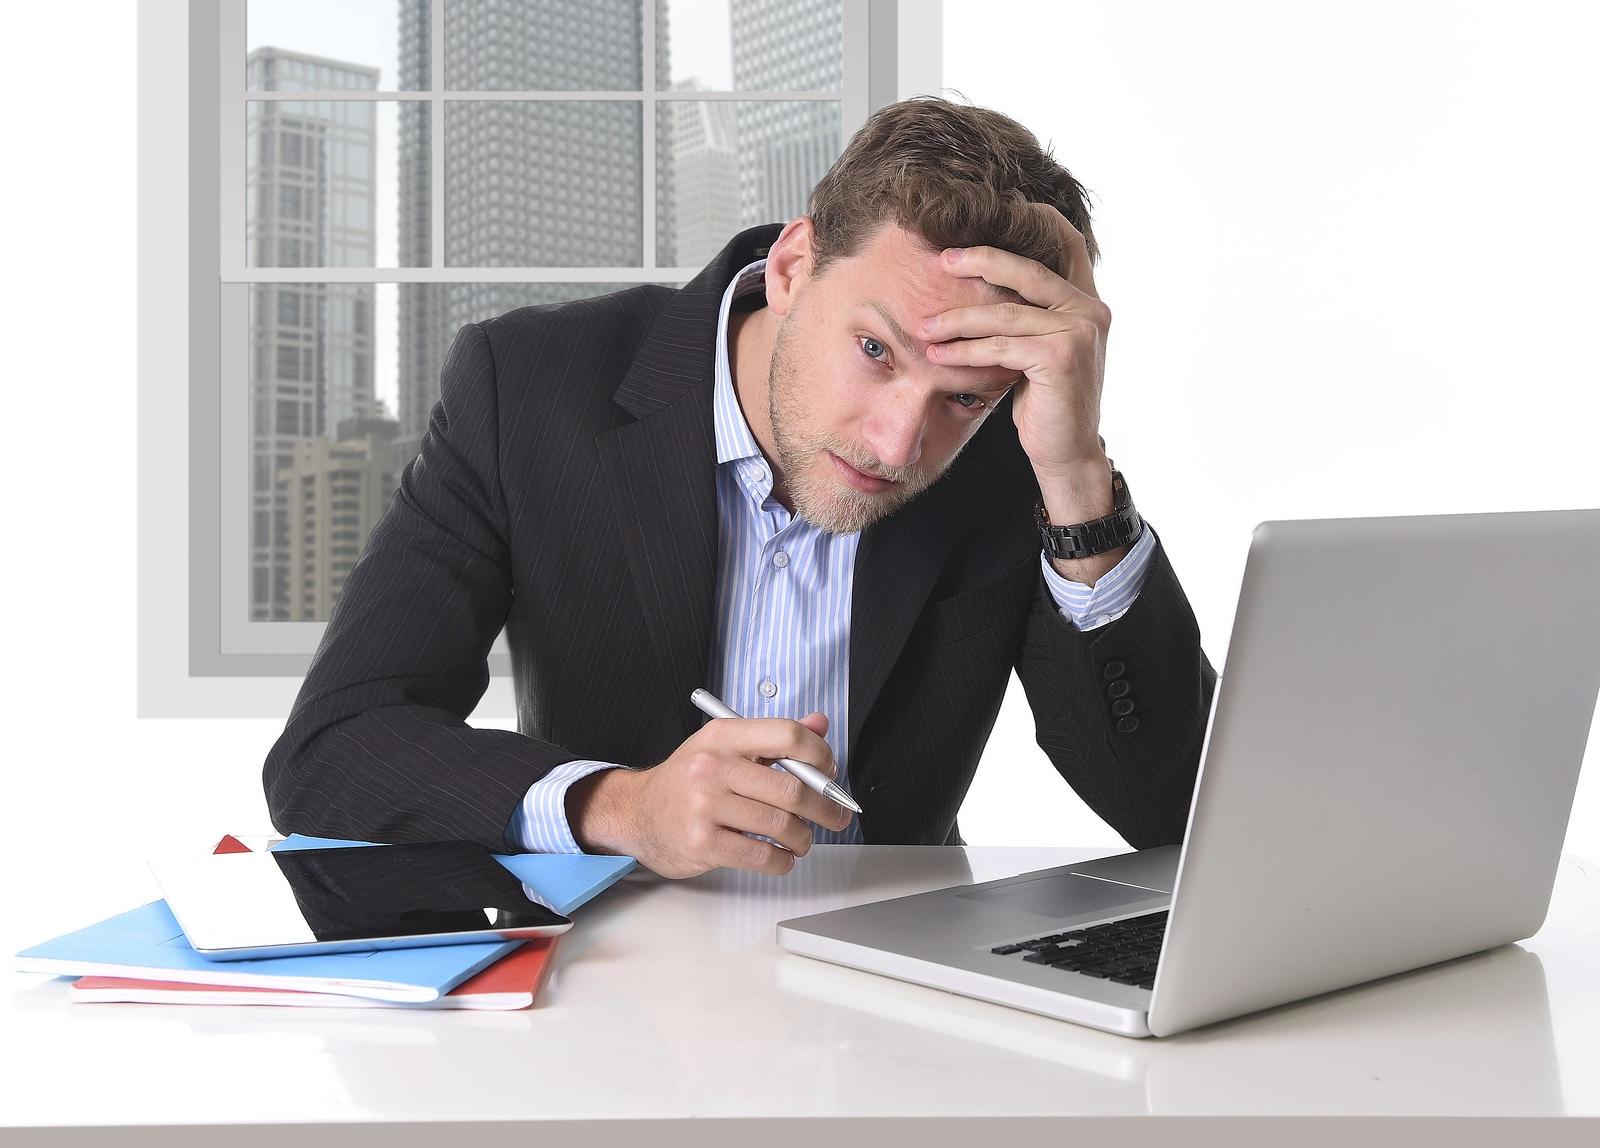 Las reglas m s frustrantes en un trabajo de oficina for Oficina de empleo arguelles